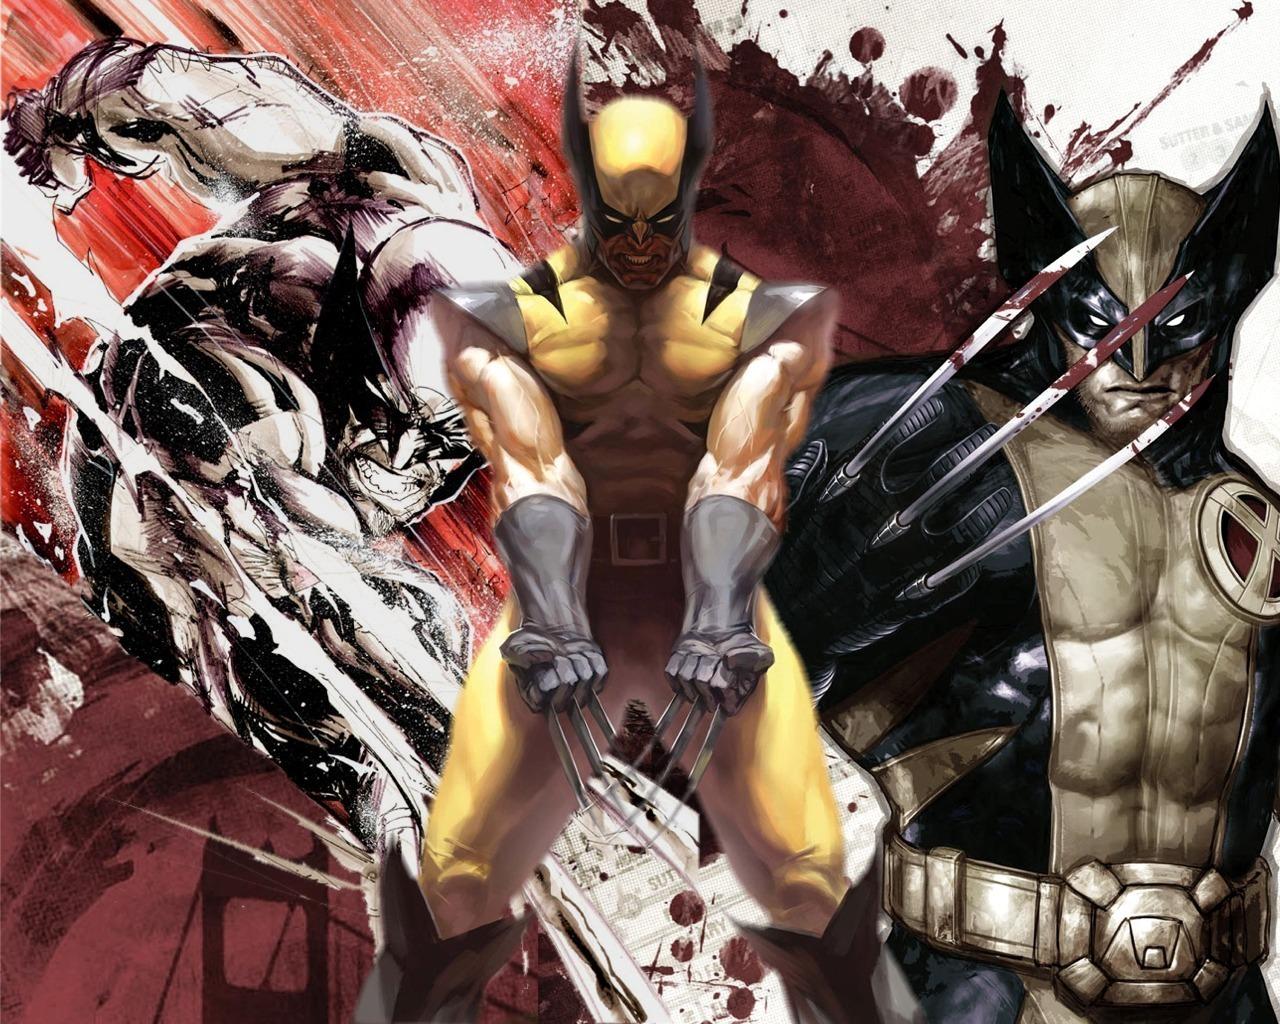 Wolverine X Men 1280x1024